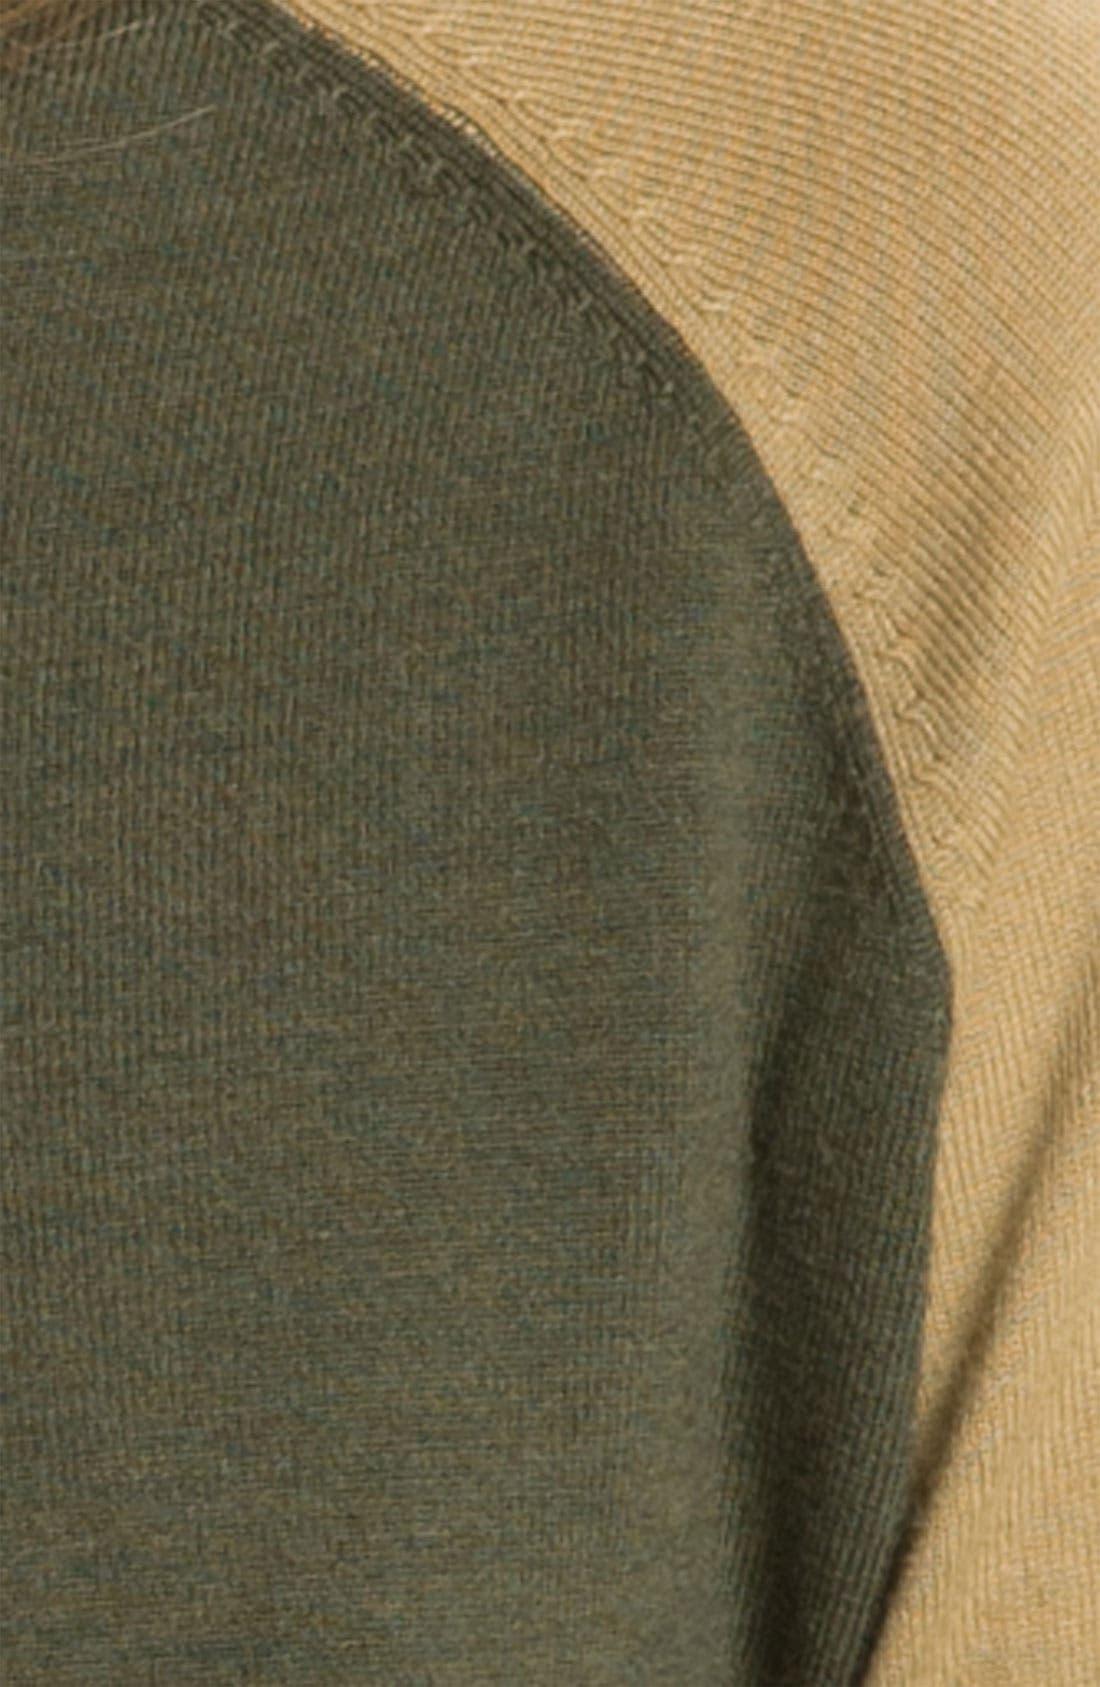 Alternate Image 3  - Rachel Roy Merino Wool Turtleneck (Online Exclusive)